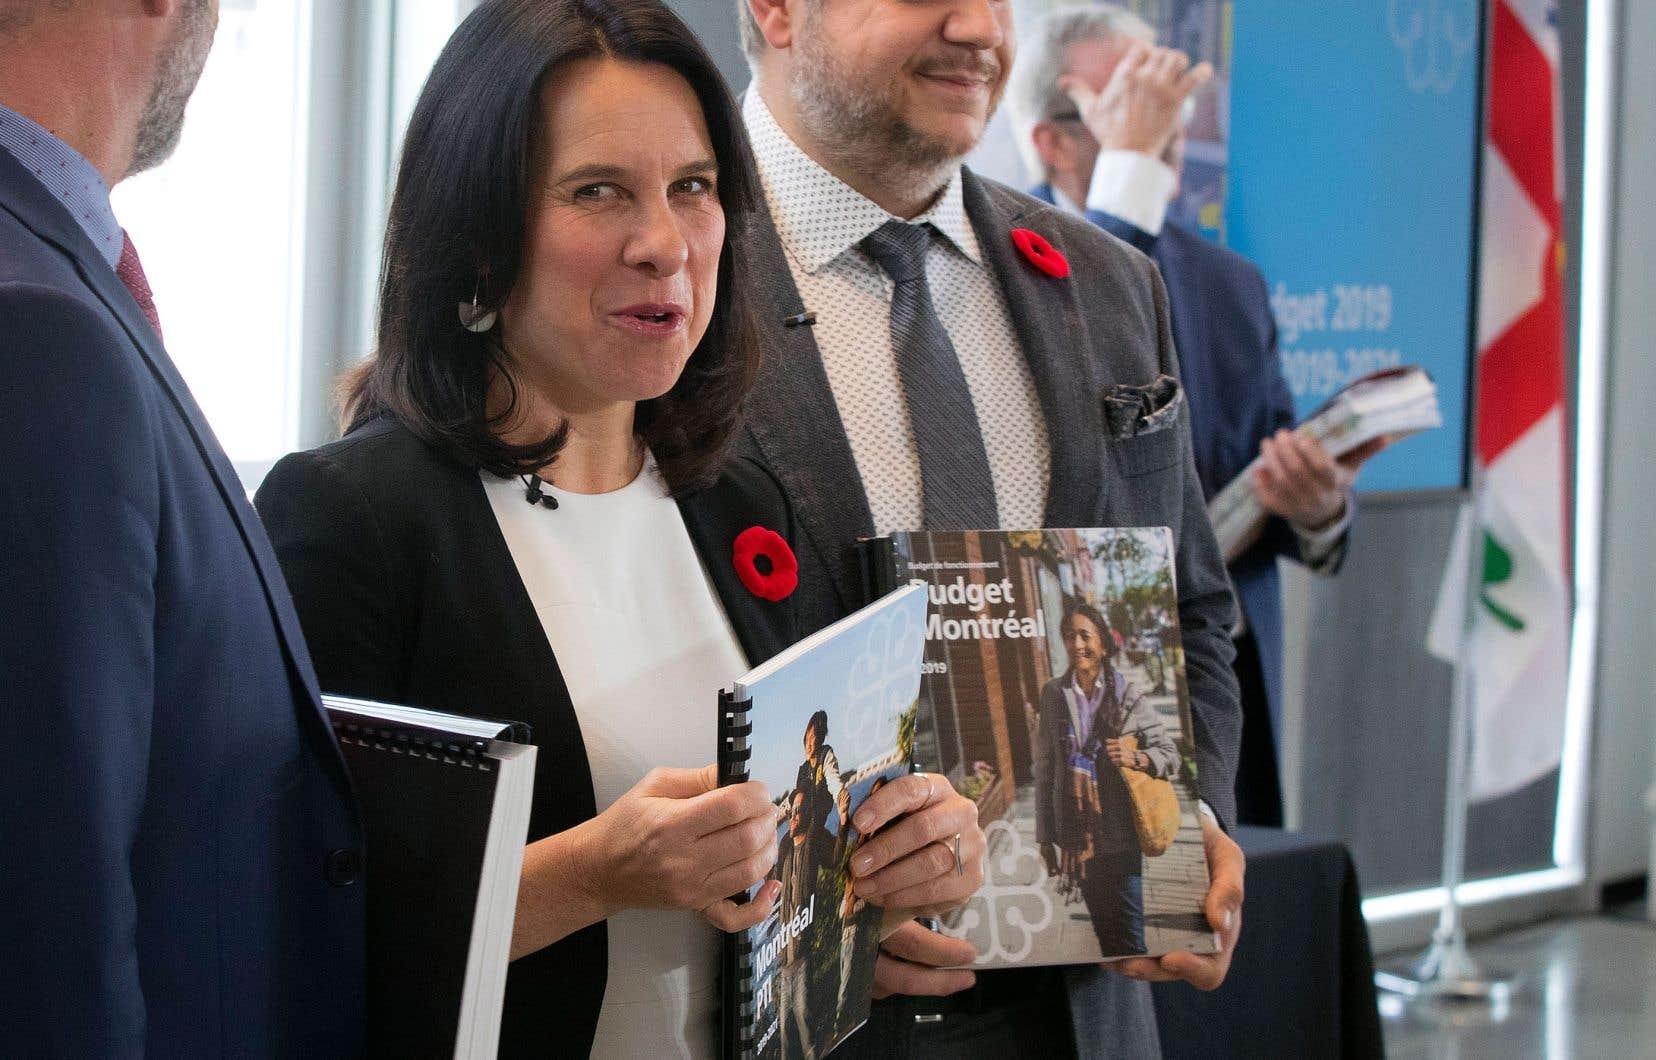 La mairesse Valérie Plante a déposé un budget de 5,7milliards, soit une hausse de 4,3% par rapport au précédent.